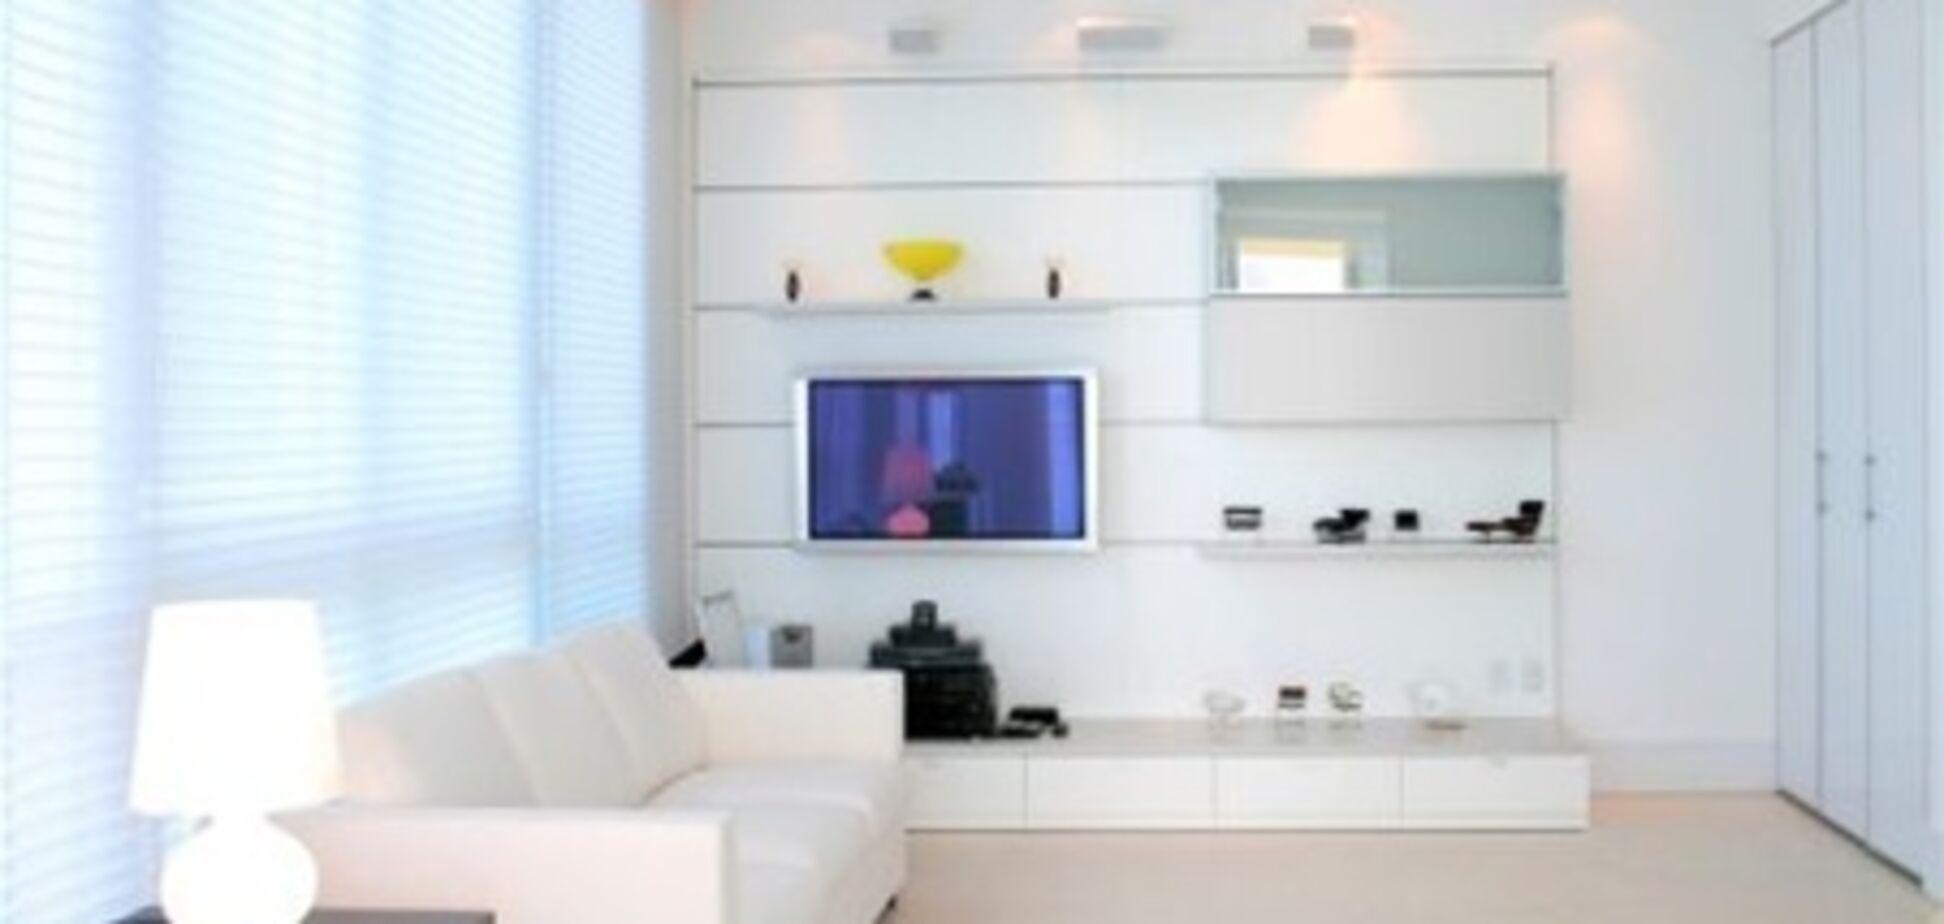 Визуально увеличиваем пространство комнаты